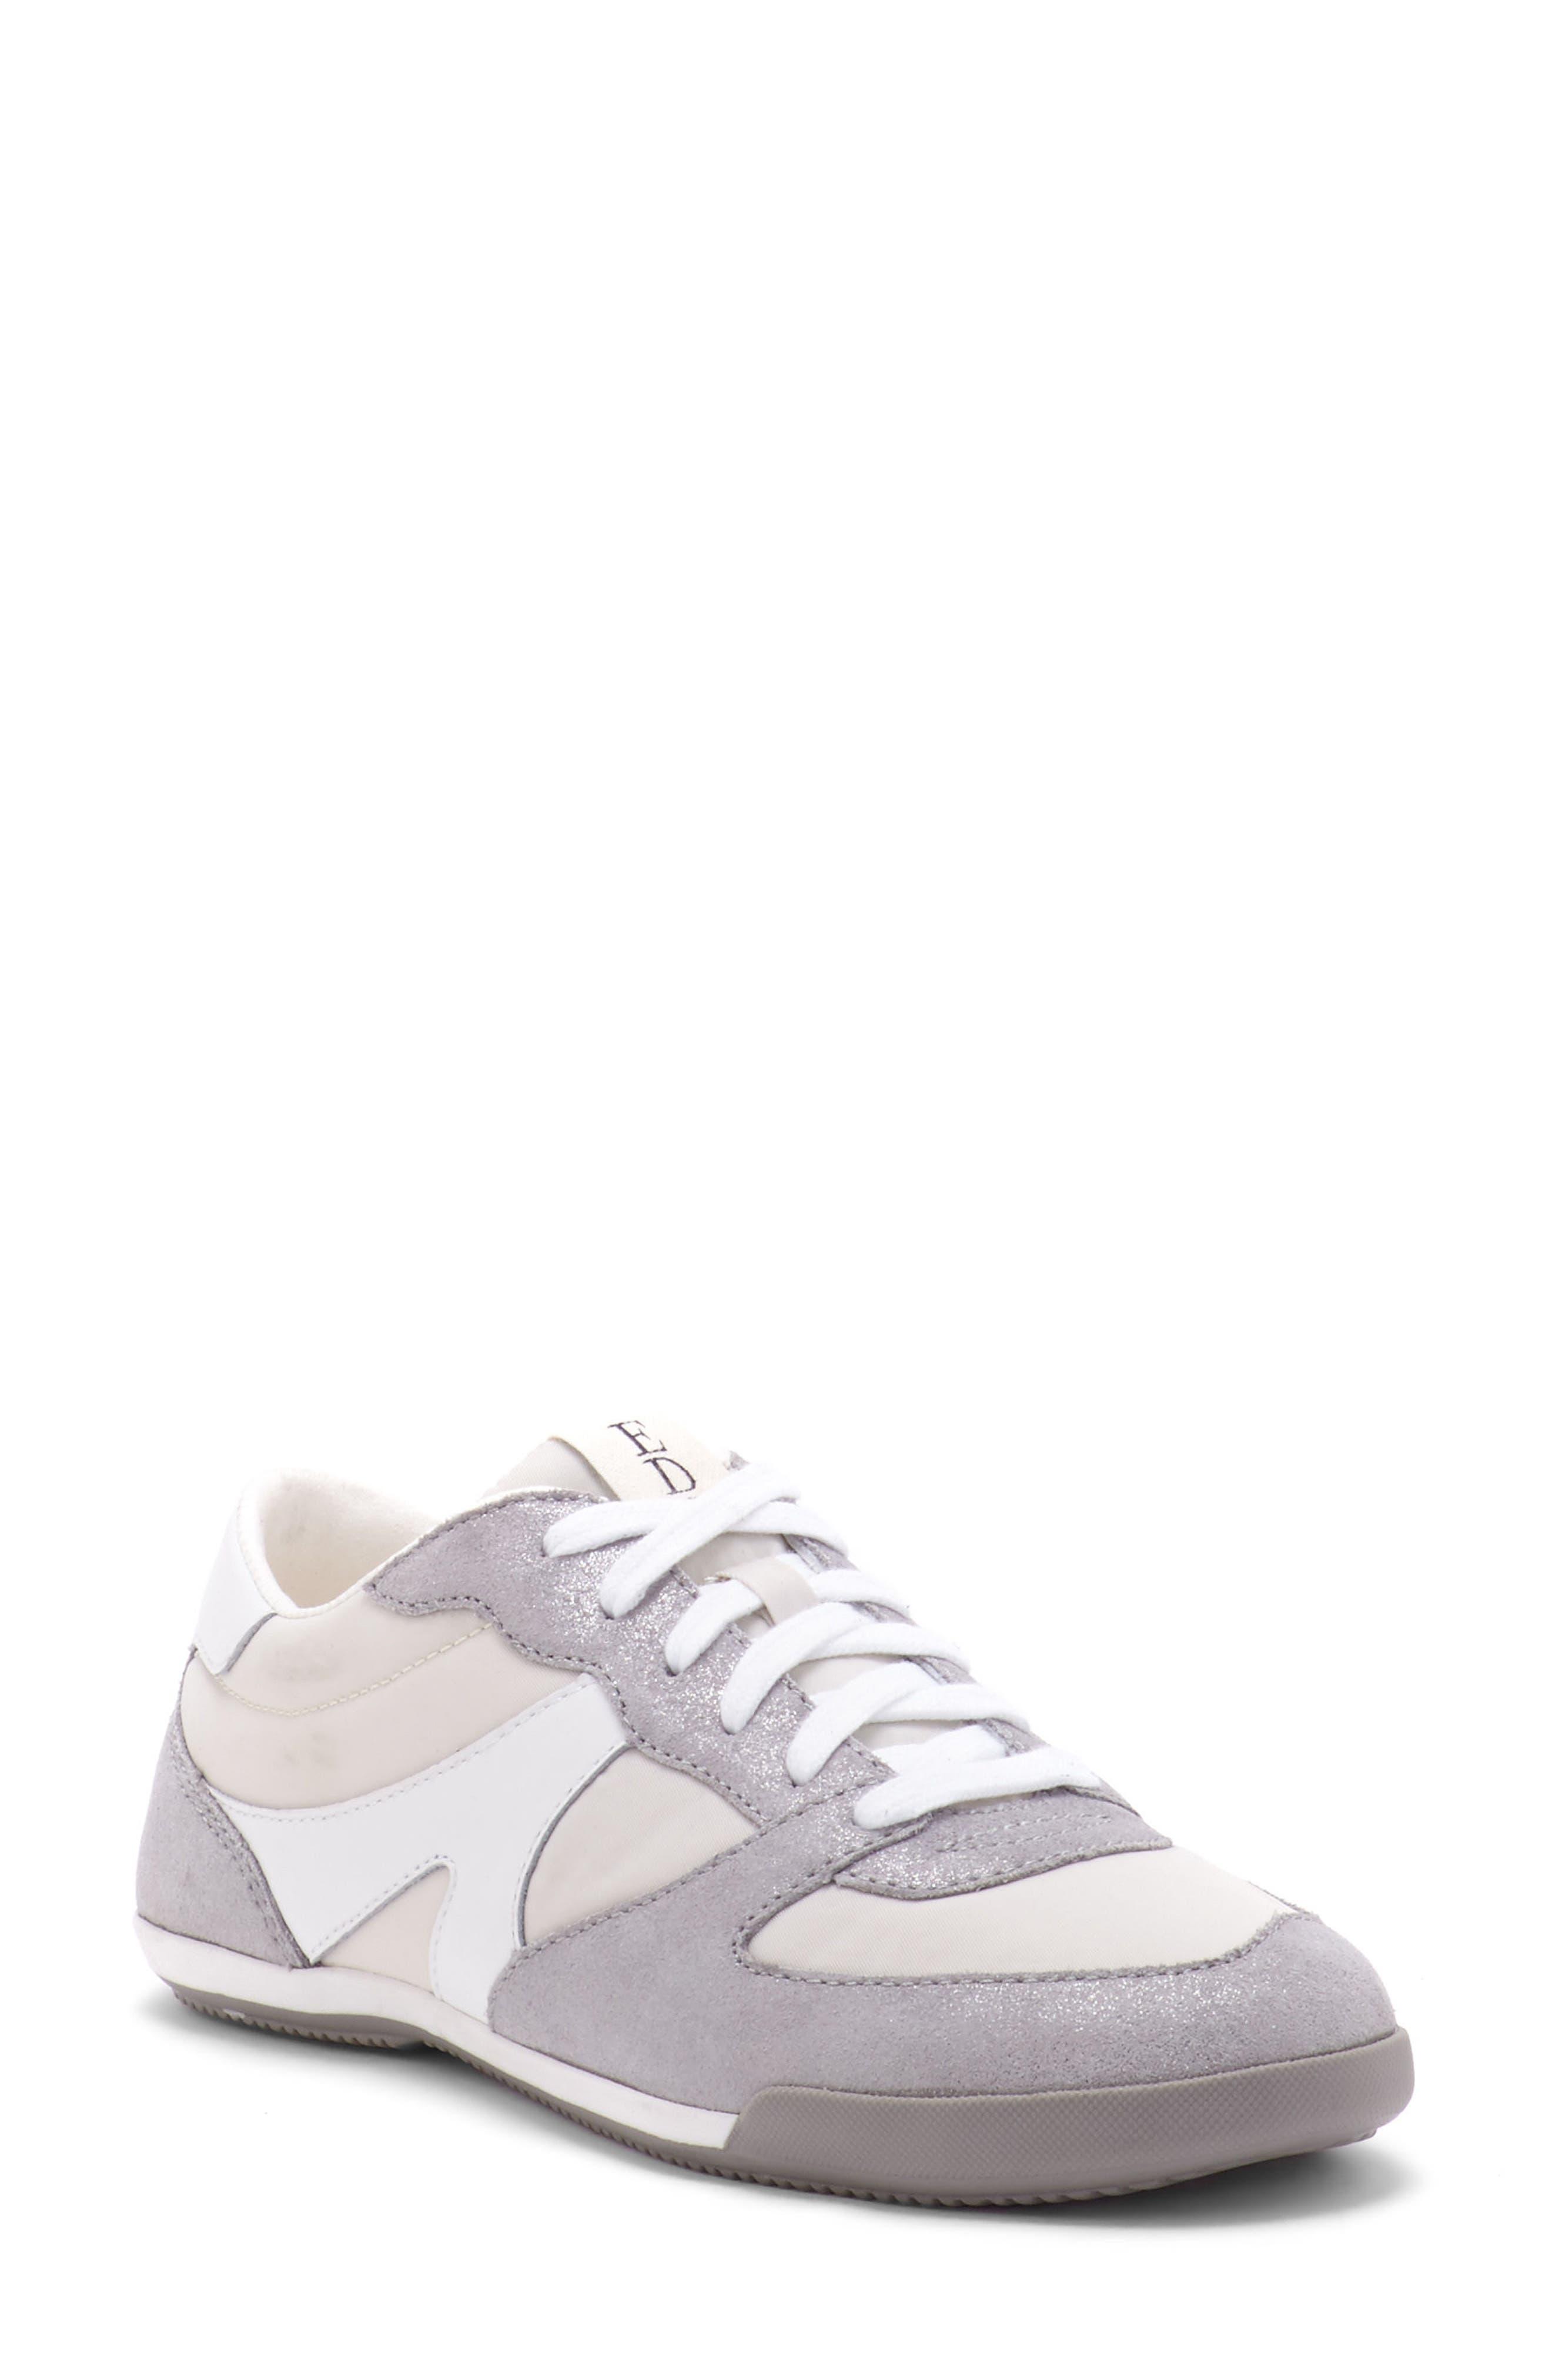 Alternate Image 1 Selected - ED Ellen DeGeneres Ellert Sneaker (Women)